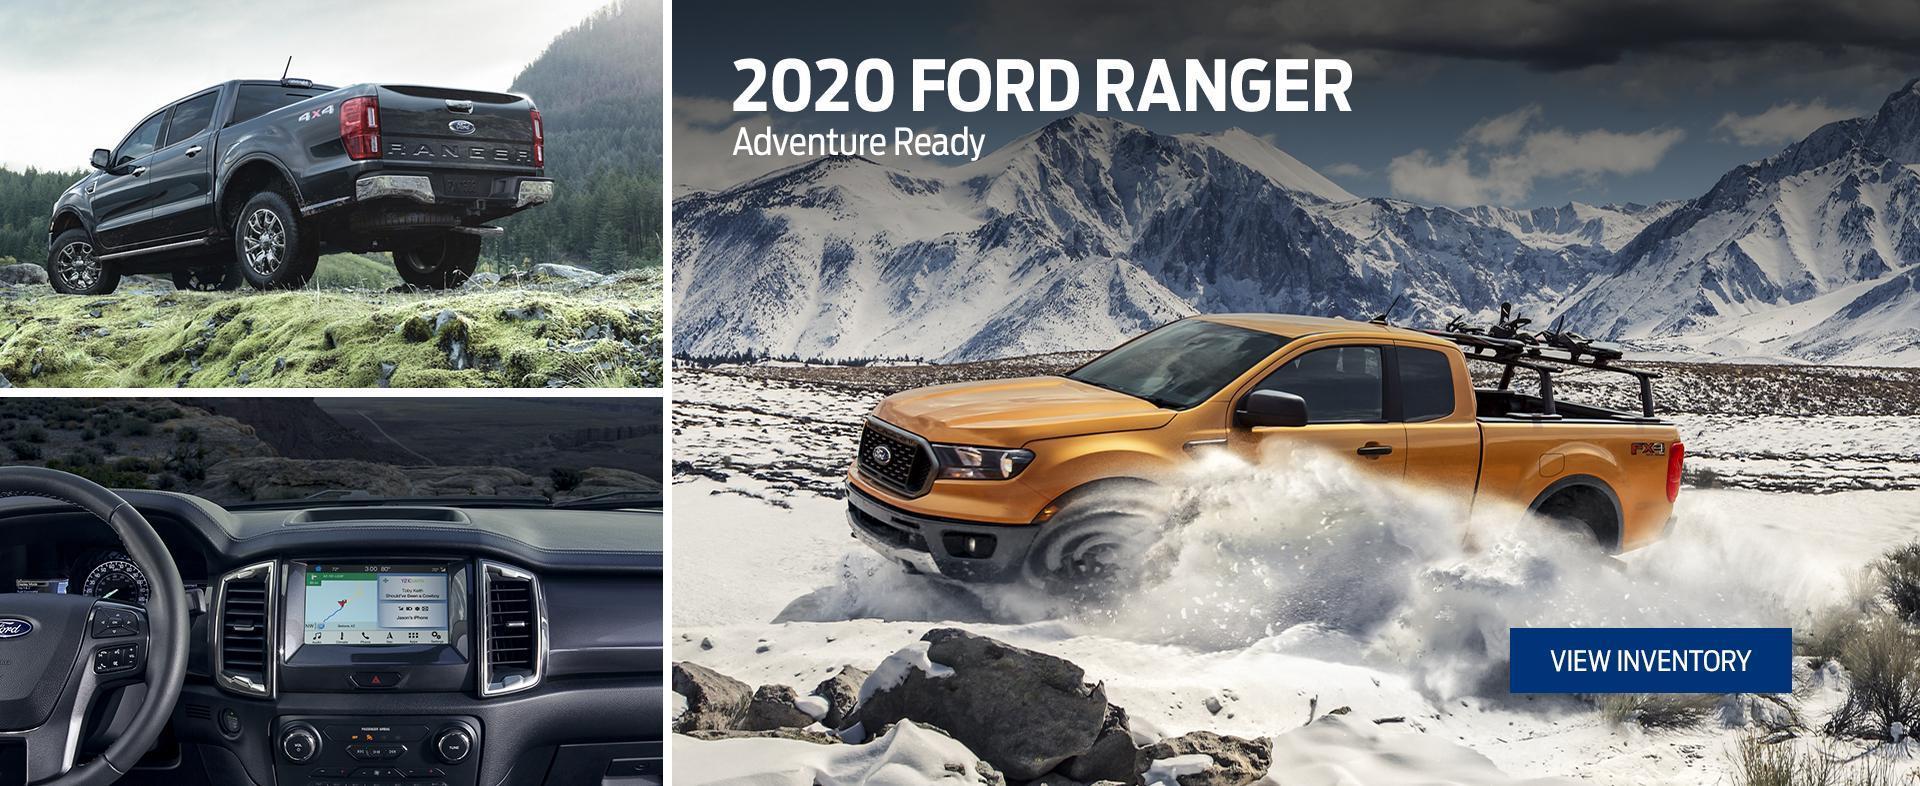 Ford Home 2020 Ranger